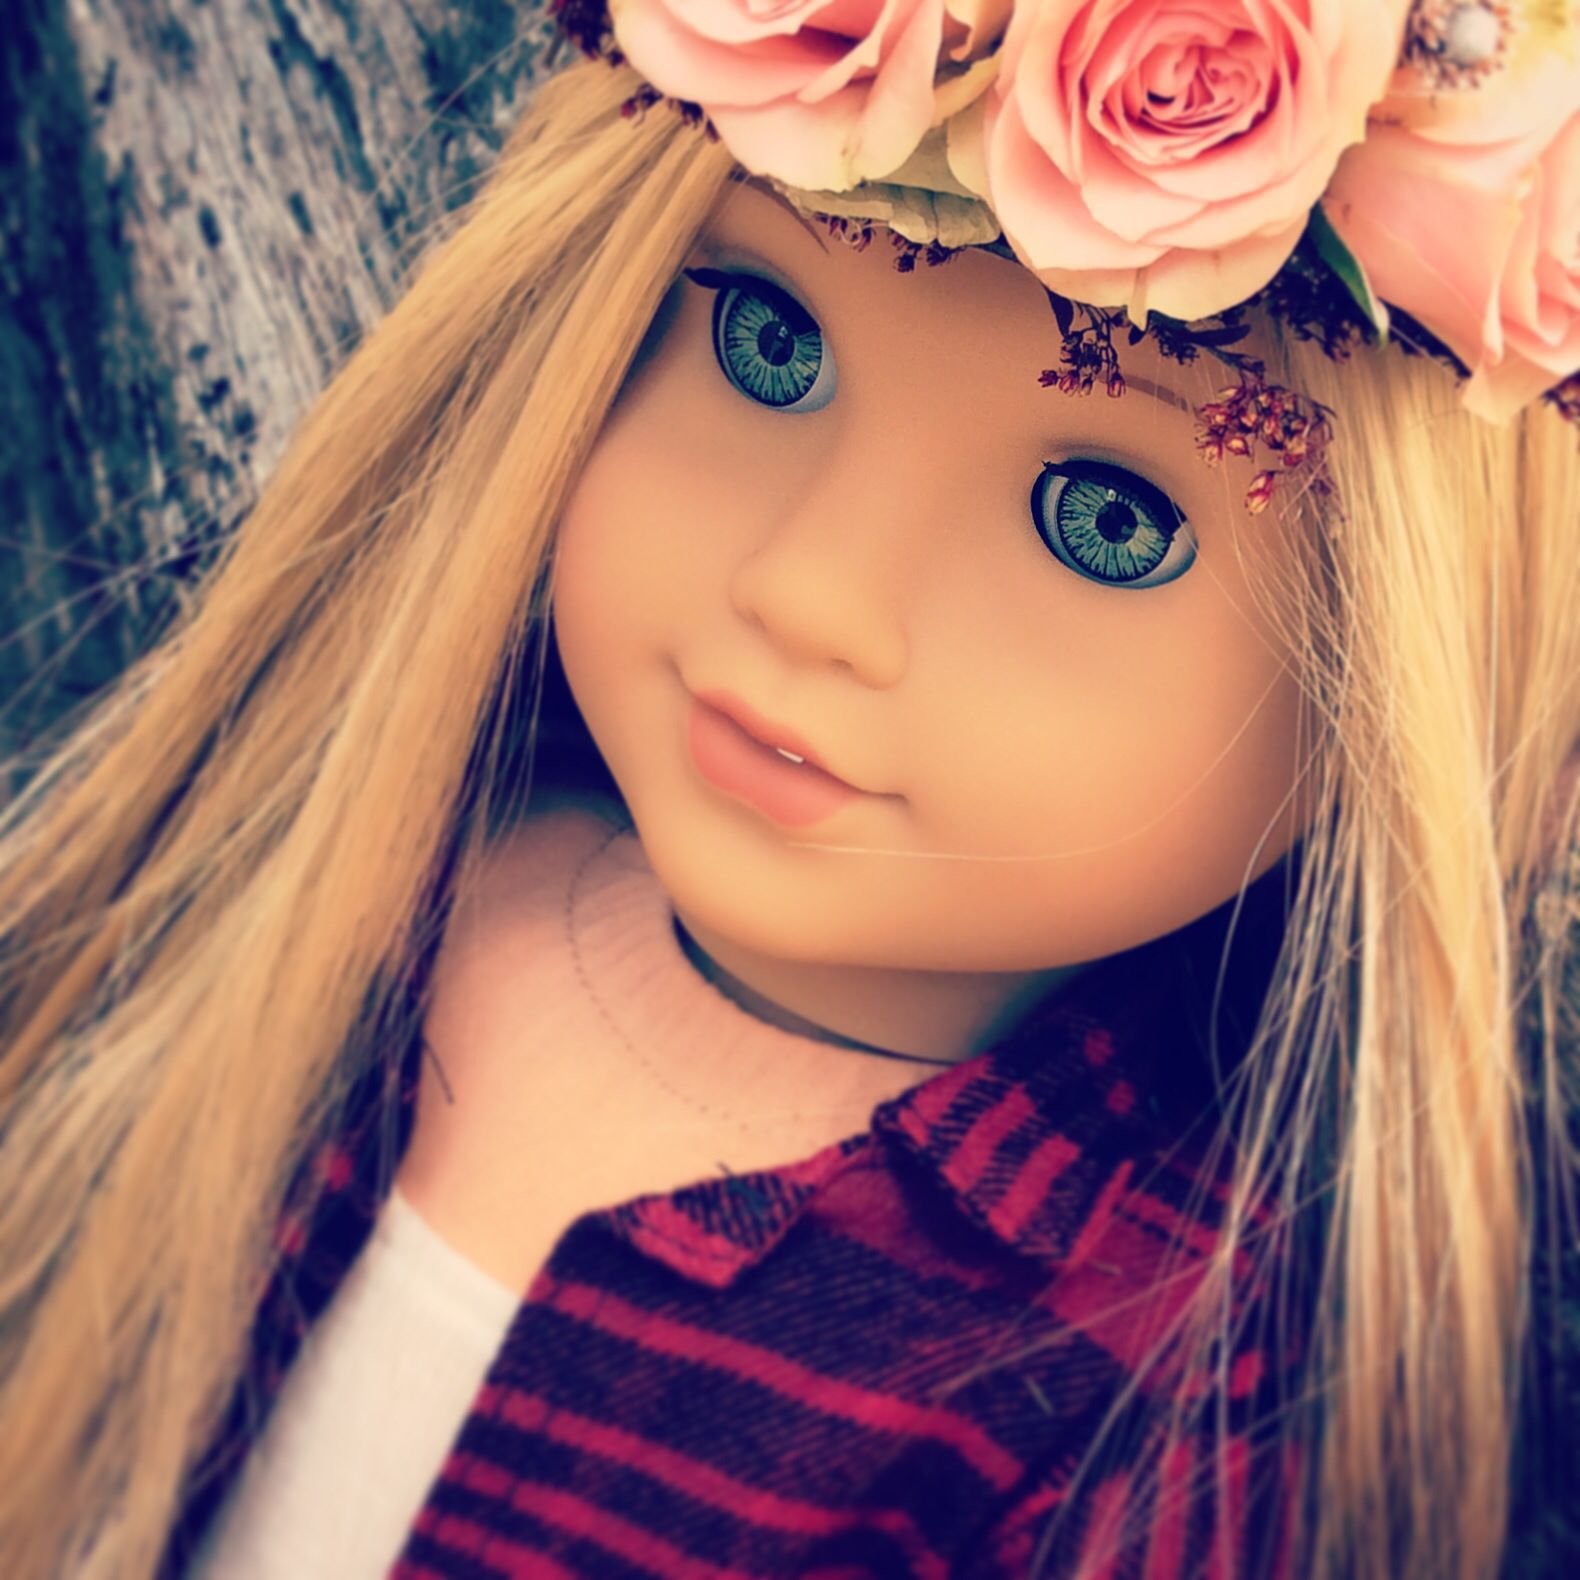 #fleurstudio #beforever #american #custom #julie #girl #doll #lily #byCustom Beforever Julie american girl doll. Lily by fleur18studio #americangirlhouse